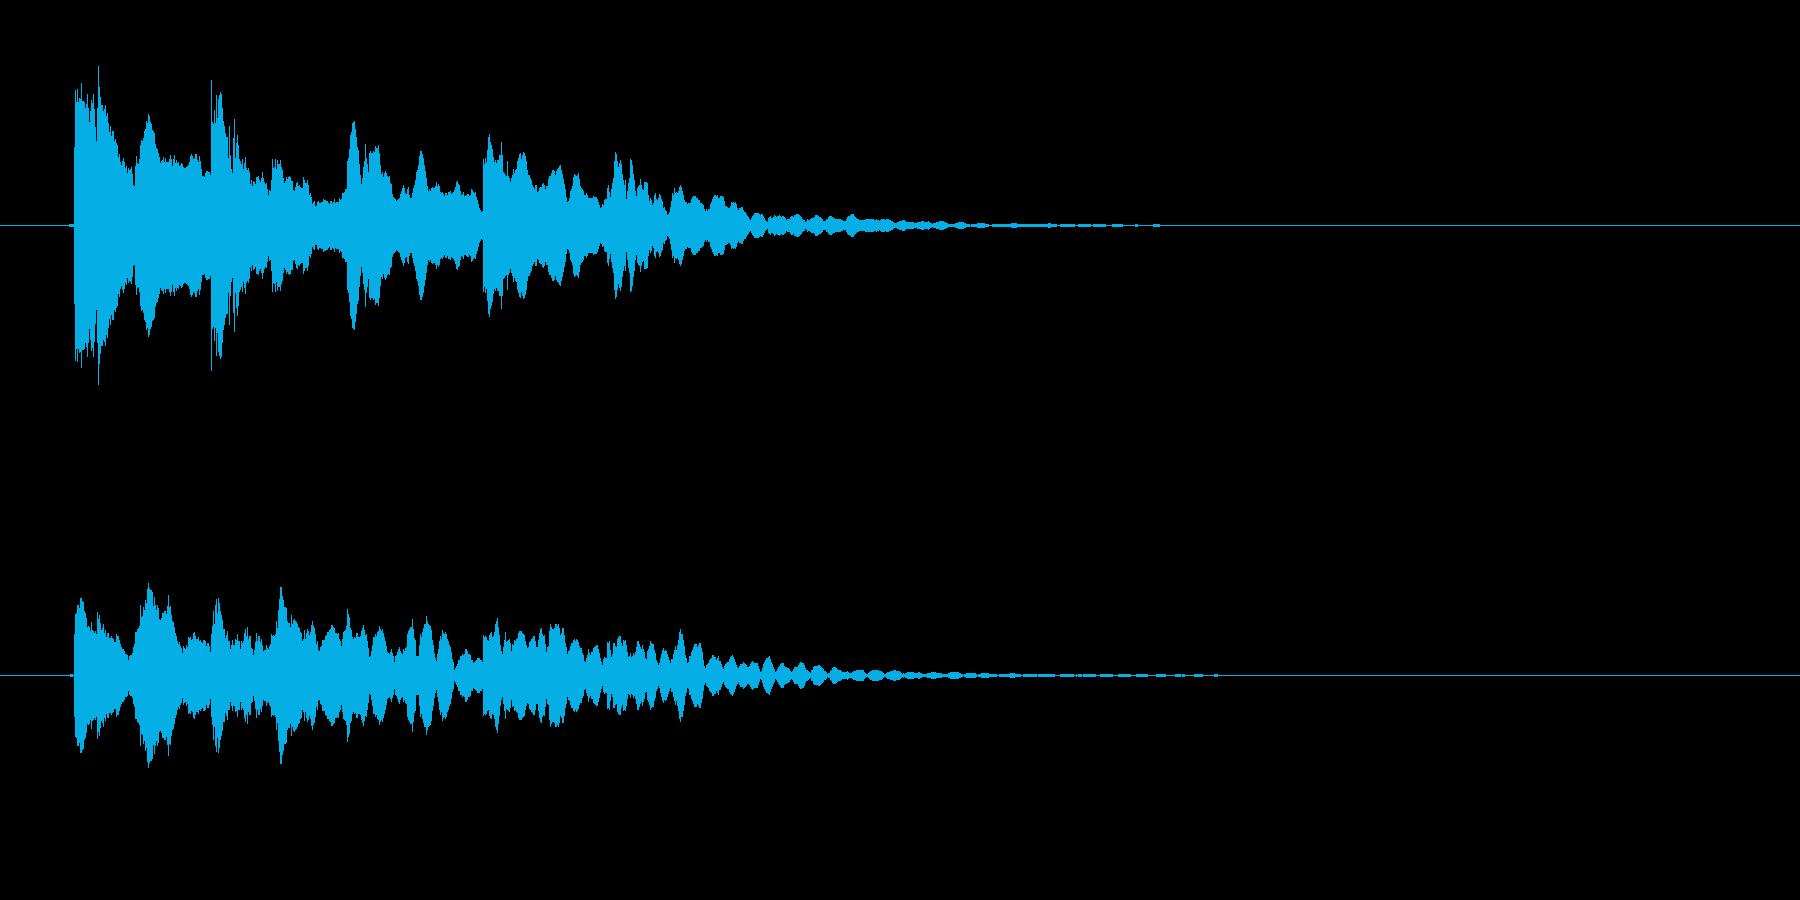 ハズレ 考える の再生済みの波形